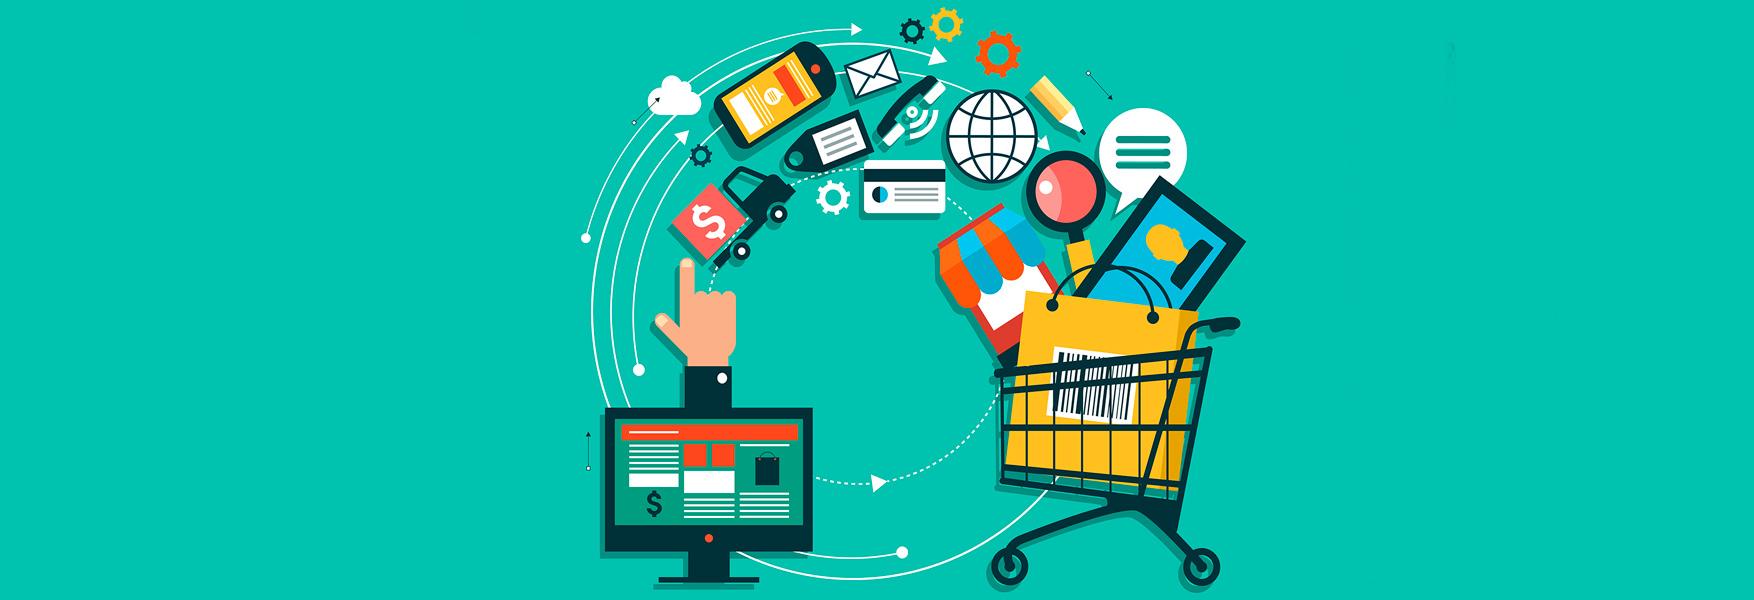 la innovación y la economía de los servicios | openmind  bbva openmind